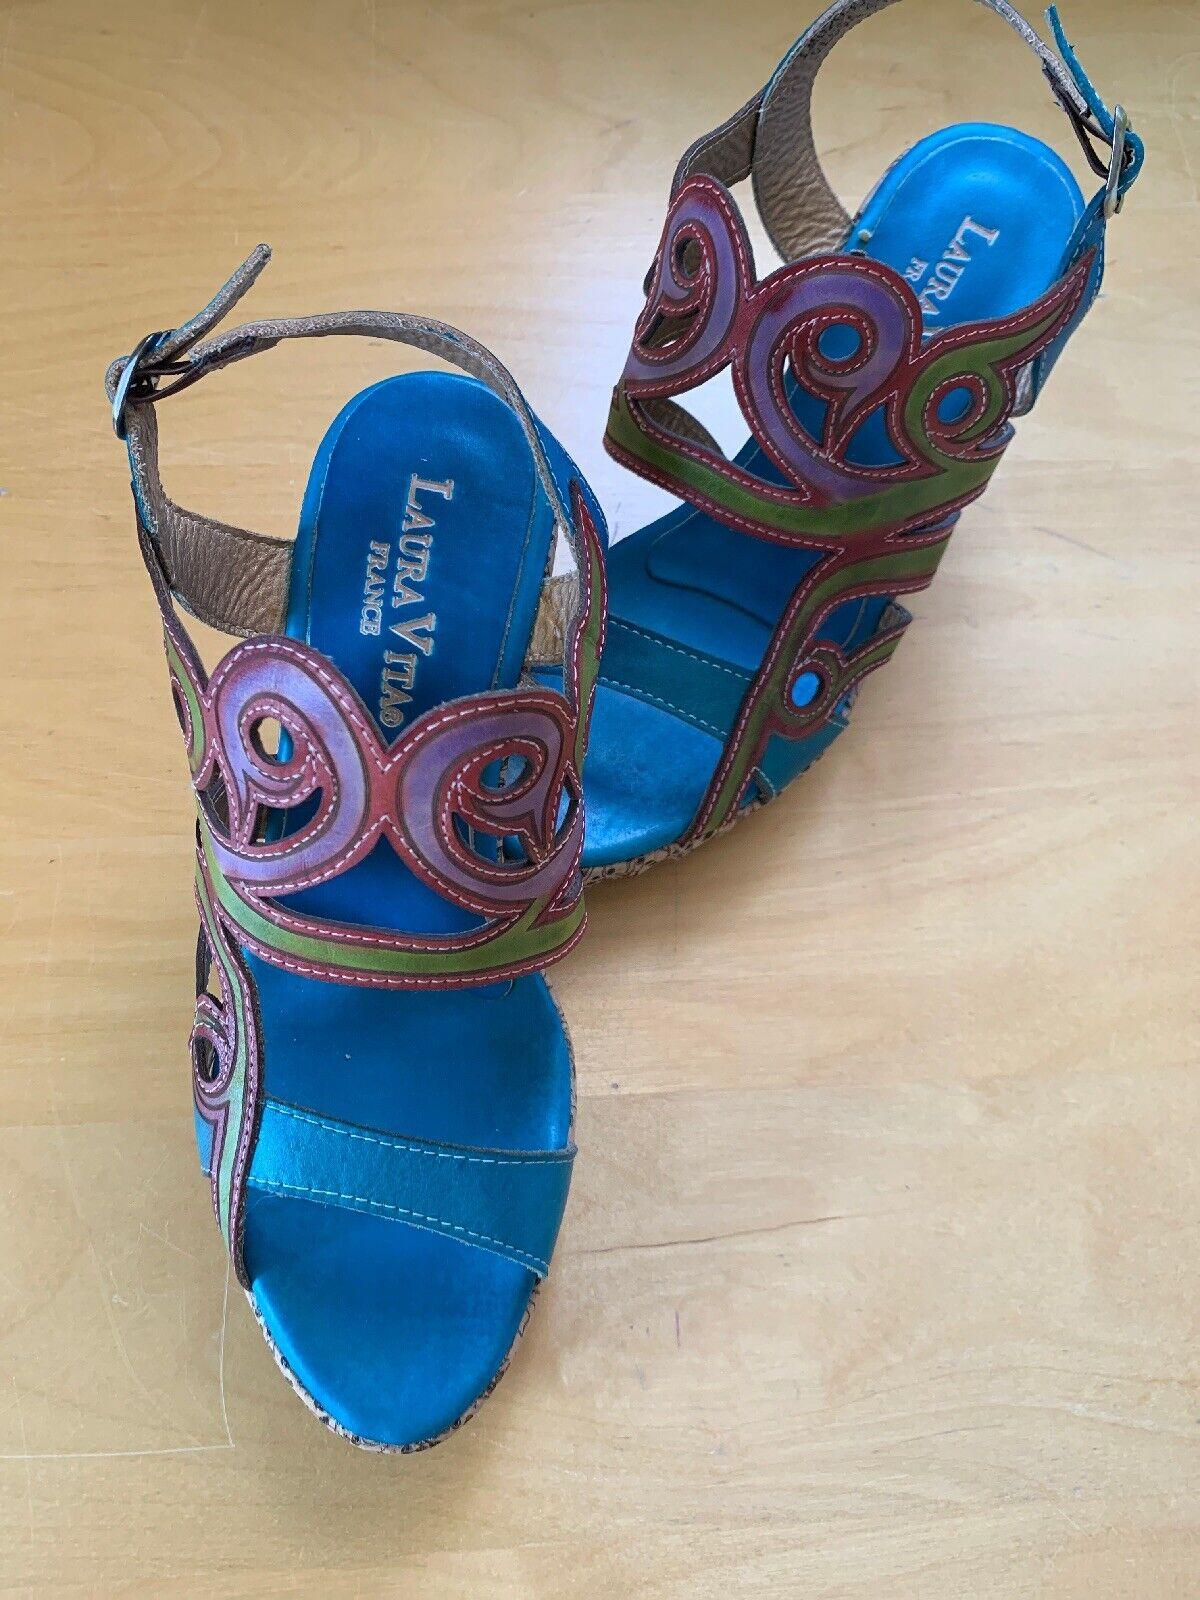 Sandalen Damen Laura Vita Blau Gr 41 Neuware